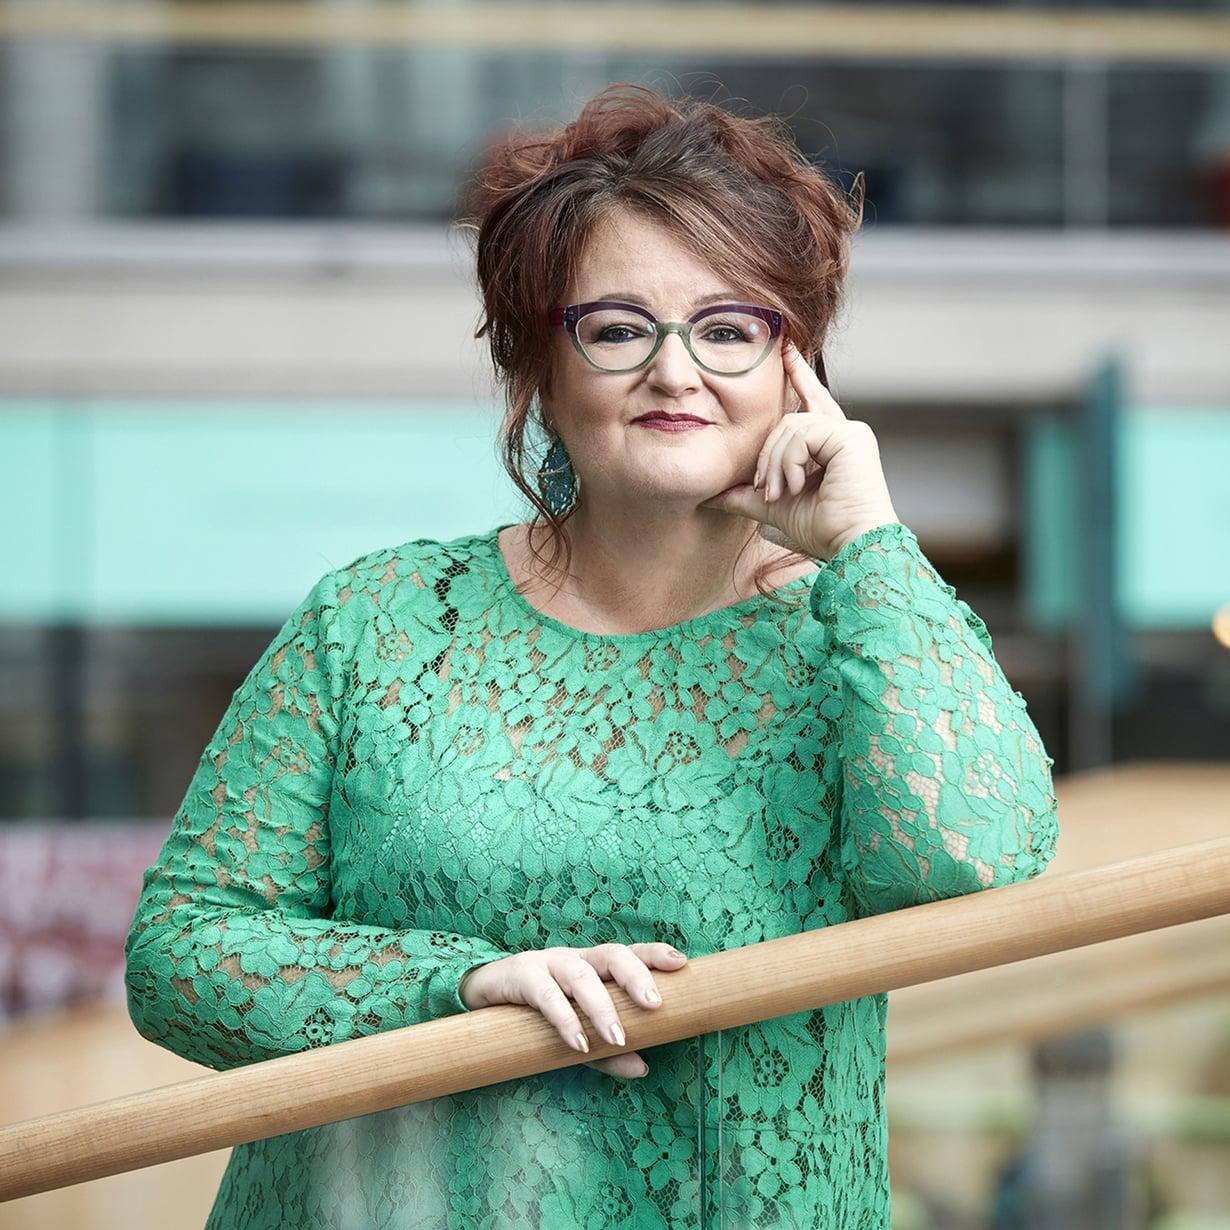 Anna-Stina Nykänen on porvoolainen toimittaja, joka ihastelee arjen rumuutta. Kuva: Jaakko Lukumaa